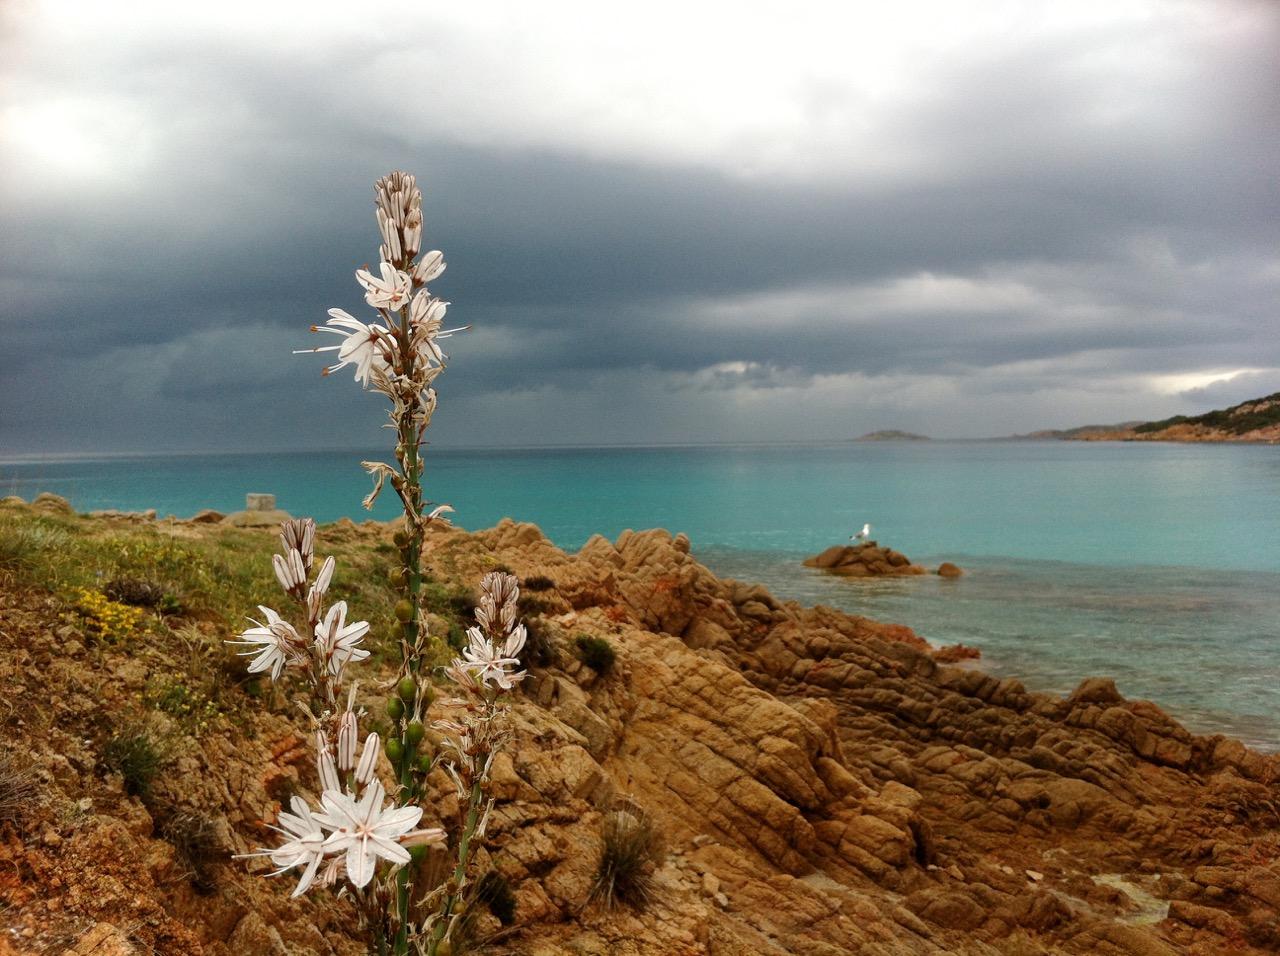 Sardinien ist auch im anrückenden Unwetter traumhaft schön!